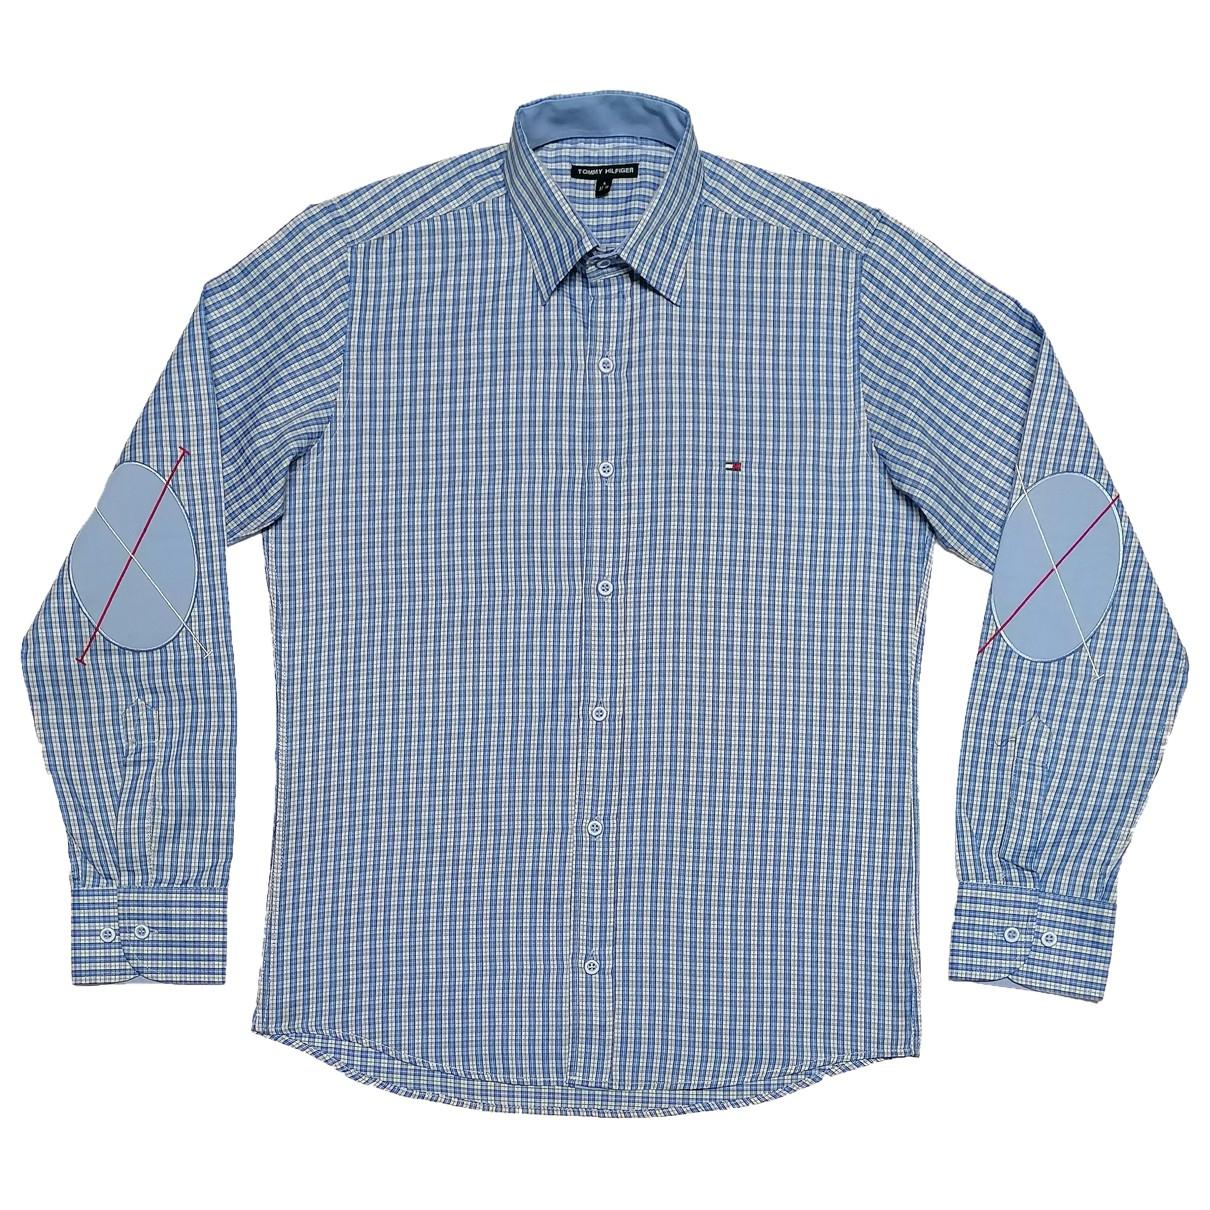 Tommy Hilfiger \N Blue Cotton Shirts for Men 38 EU (tour de cou / collar)